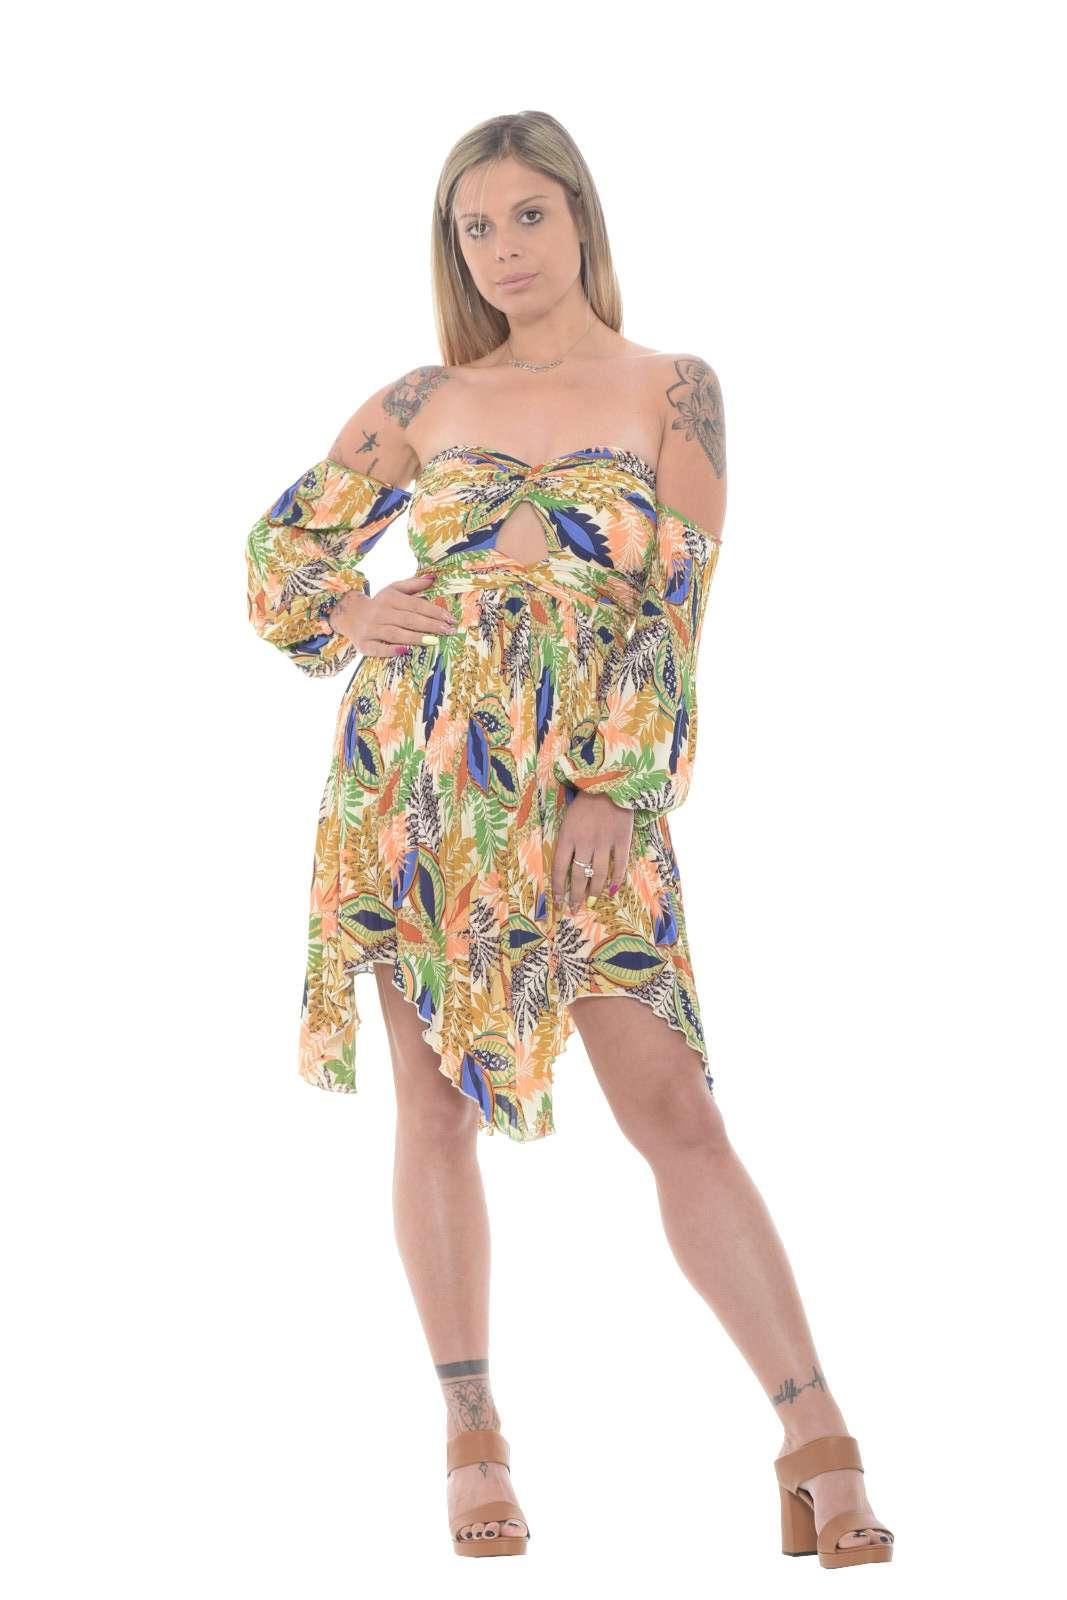 Un abito 100% poliestere quello proposto dalla collezione Glamorous donna. Caratterizzato dalla fantasia floreale e dal taglio corto che lo rendono elegante e femminile. Da abbinare ad un sandalo con tacco o un décolleté è un must have dell'estate.